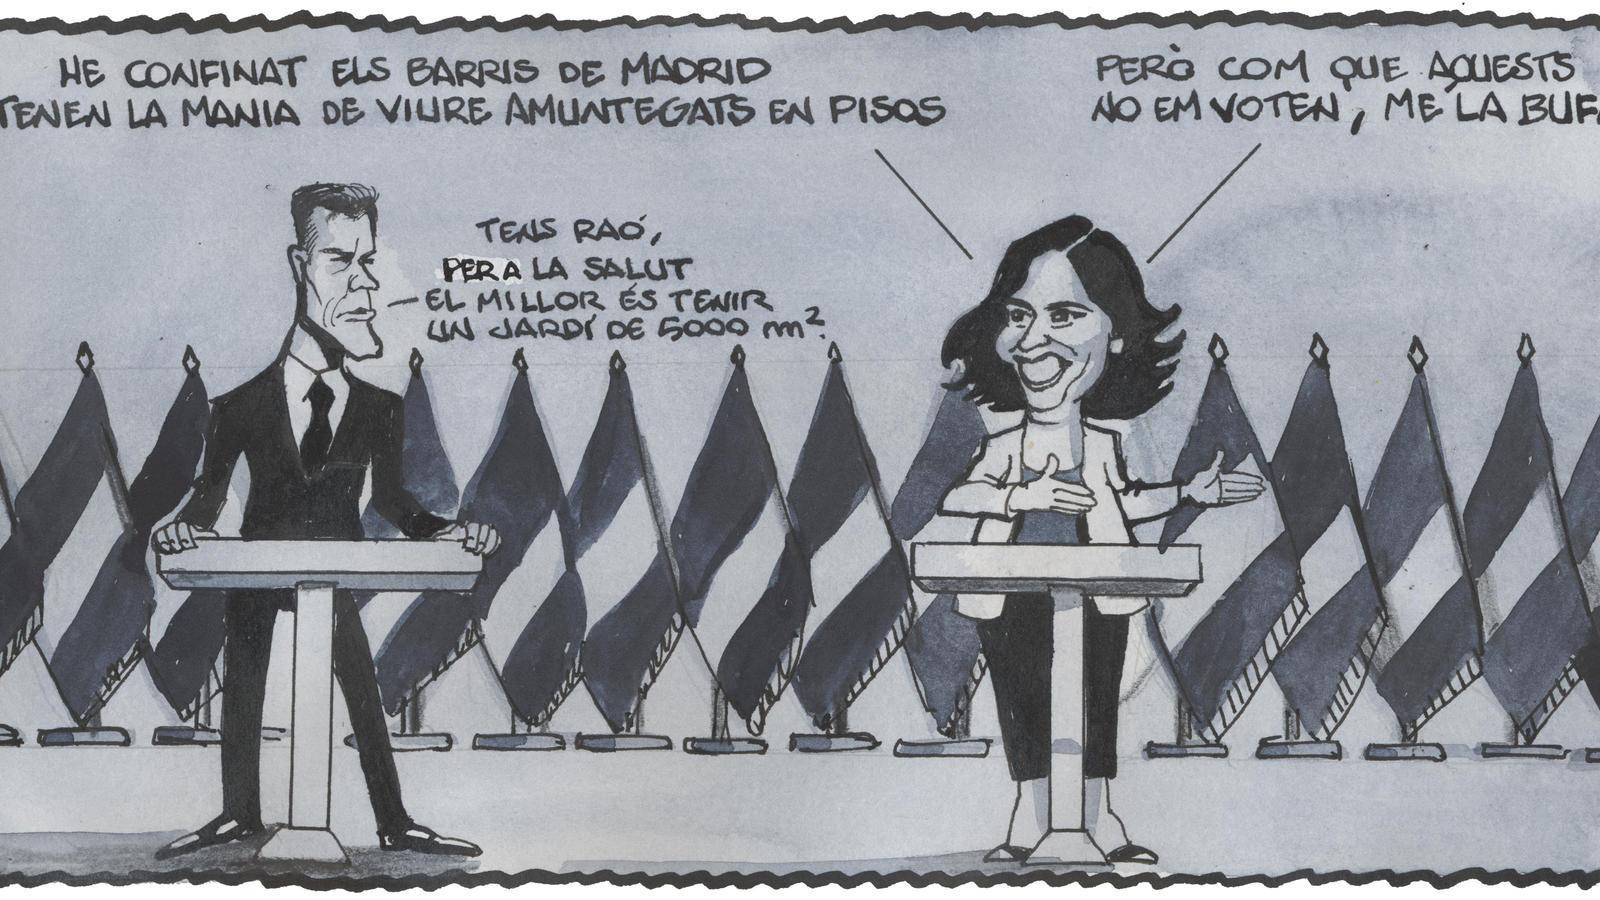 'A la contra', per Ferreres 23/09/2020